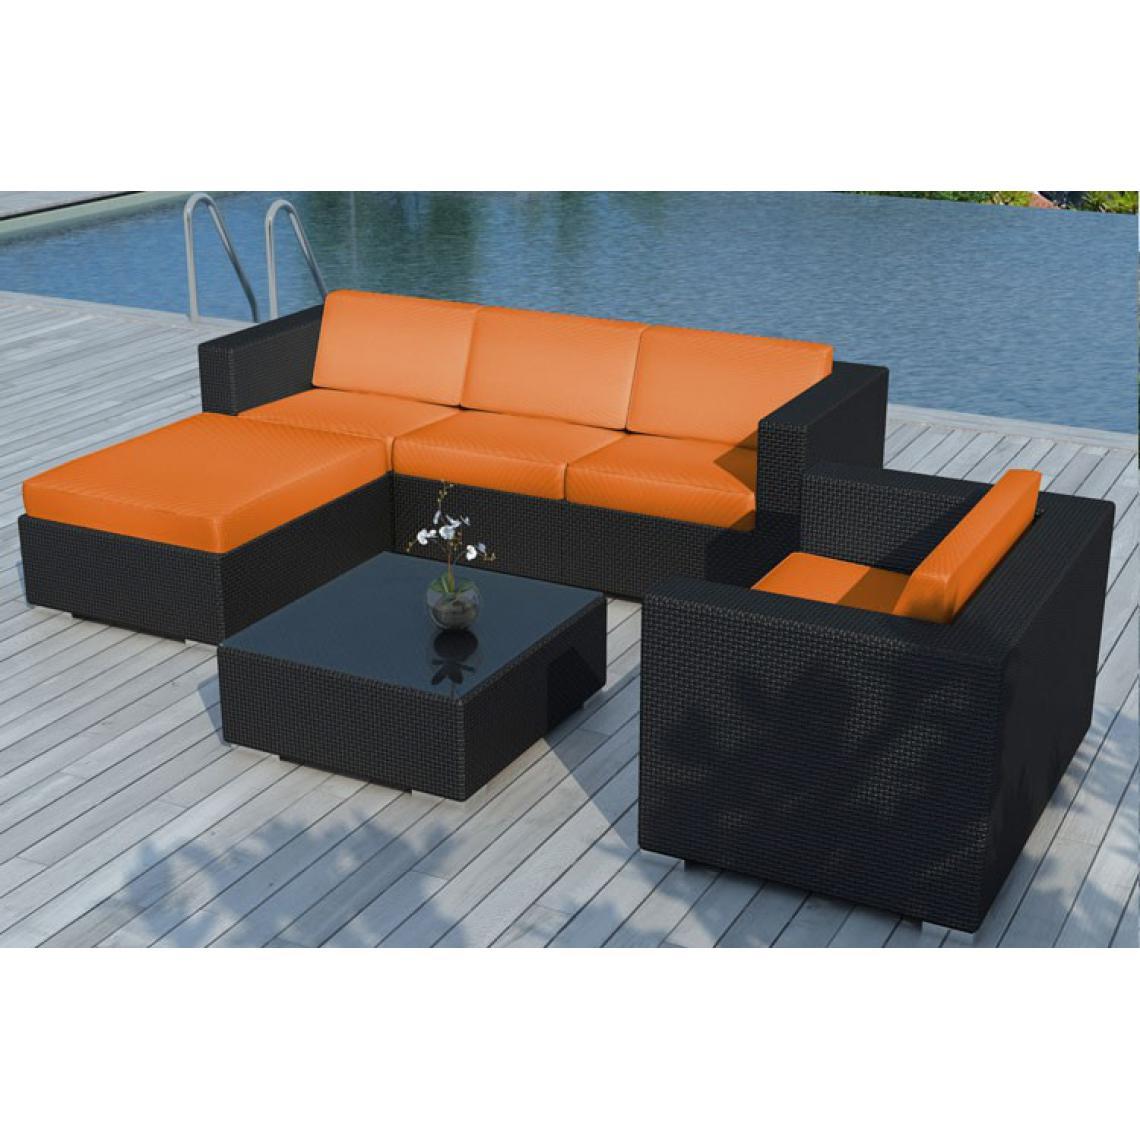 Salon de jardin résine tressée noir et orange LAGON 203x72x63